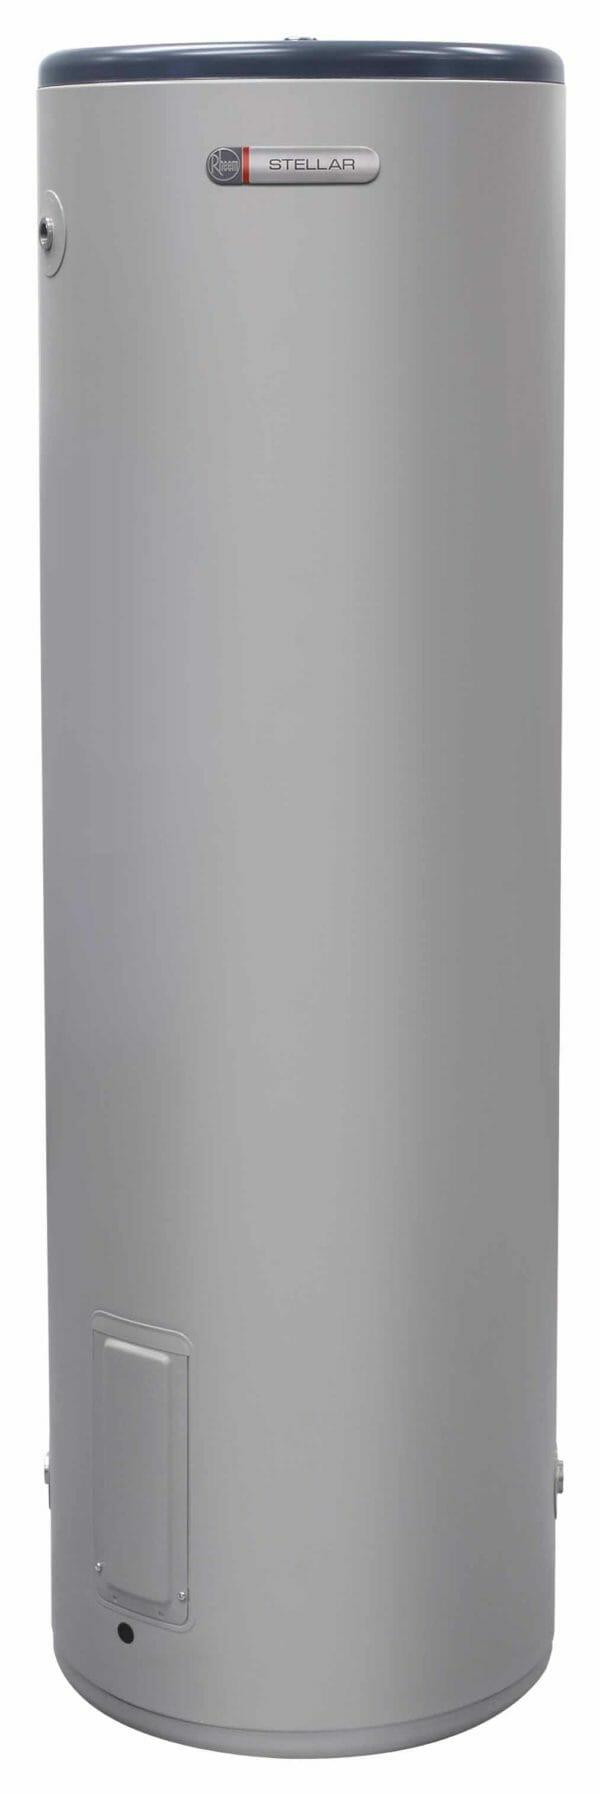 Rheem 160L hot water heater